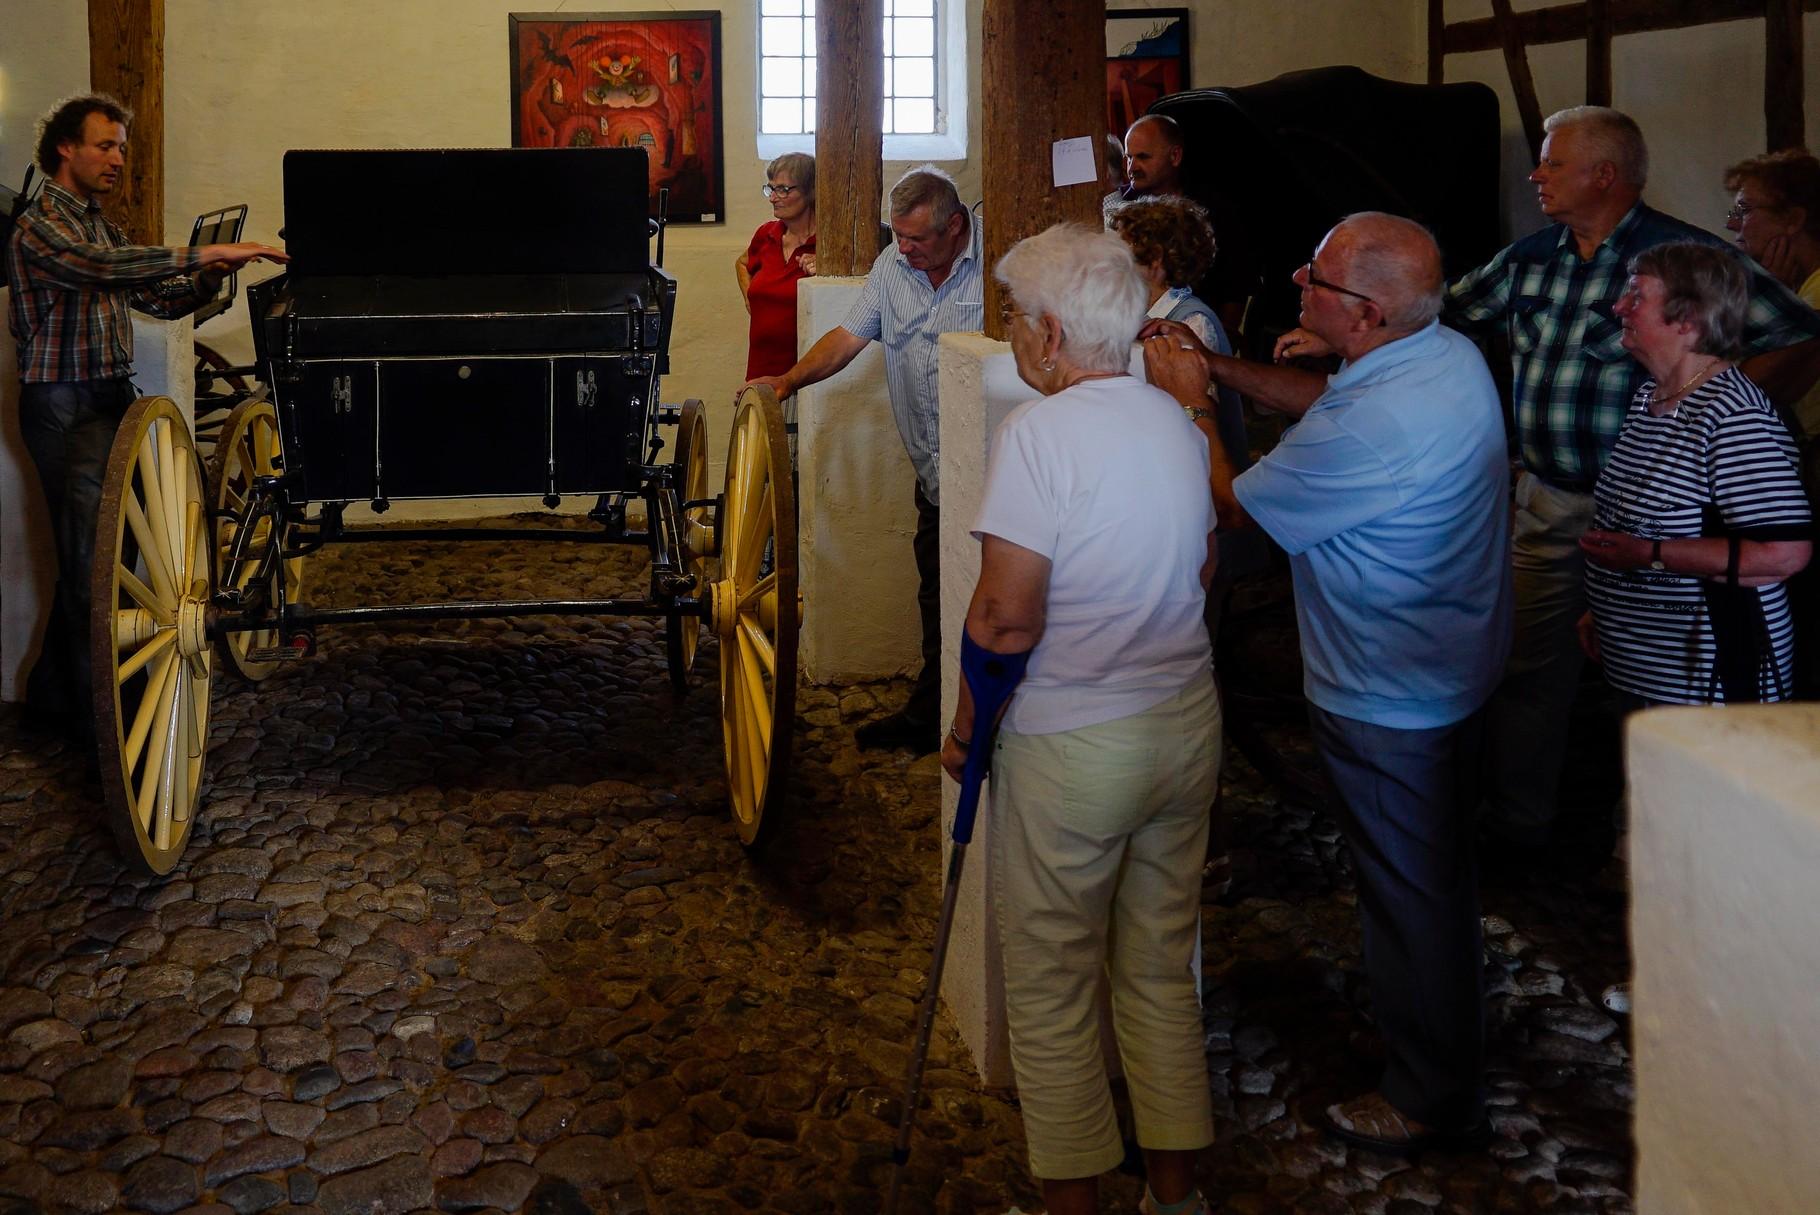 Der Besuch in Zinzow begann mit einer Führung durchs Kutschenmuseum.